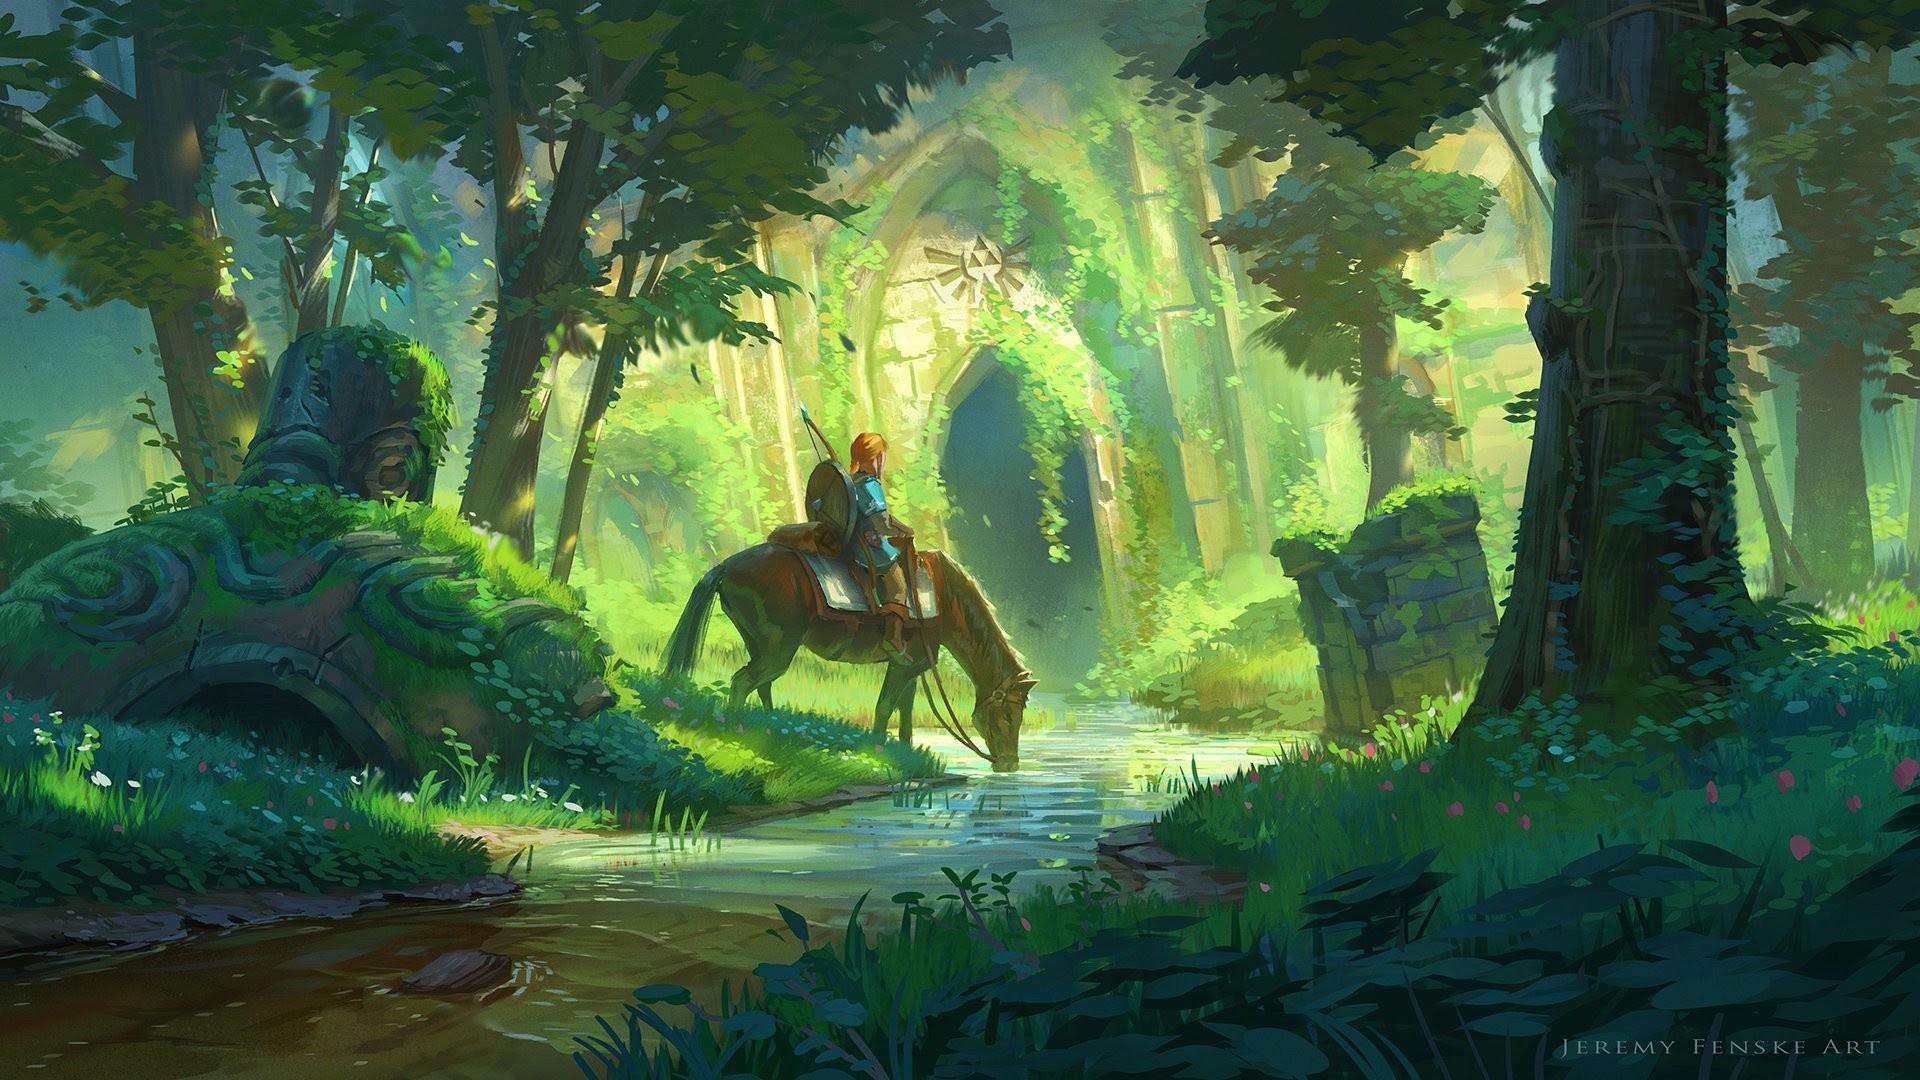 Legend Of Zelda Wallpaper 75 Images